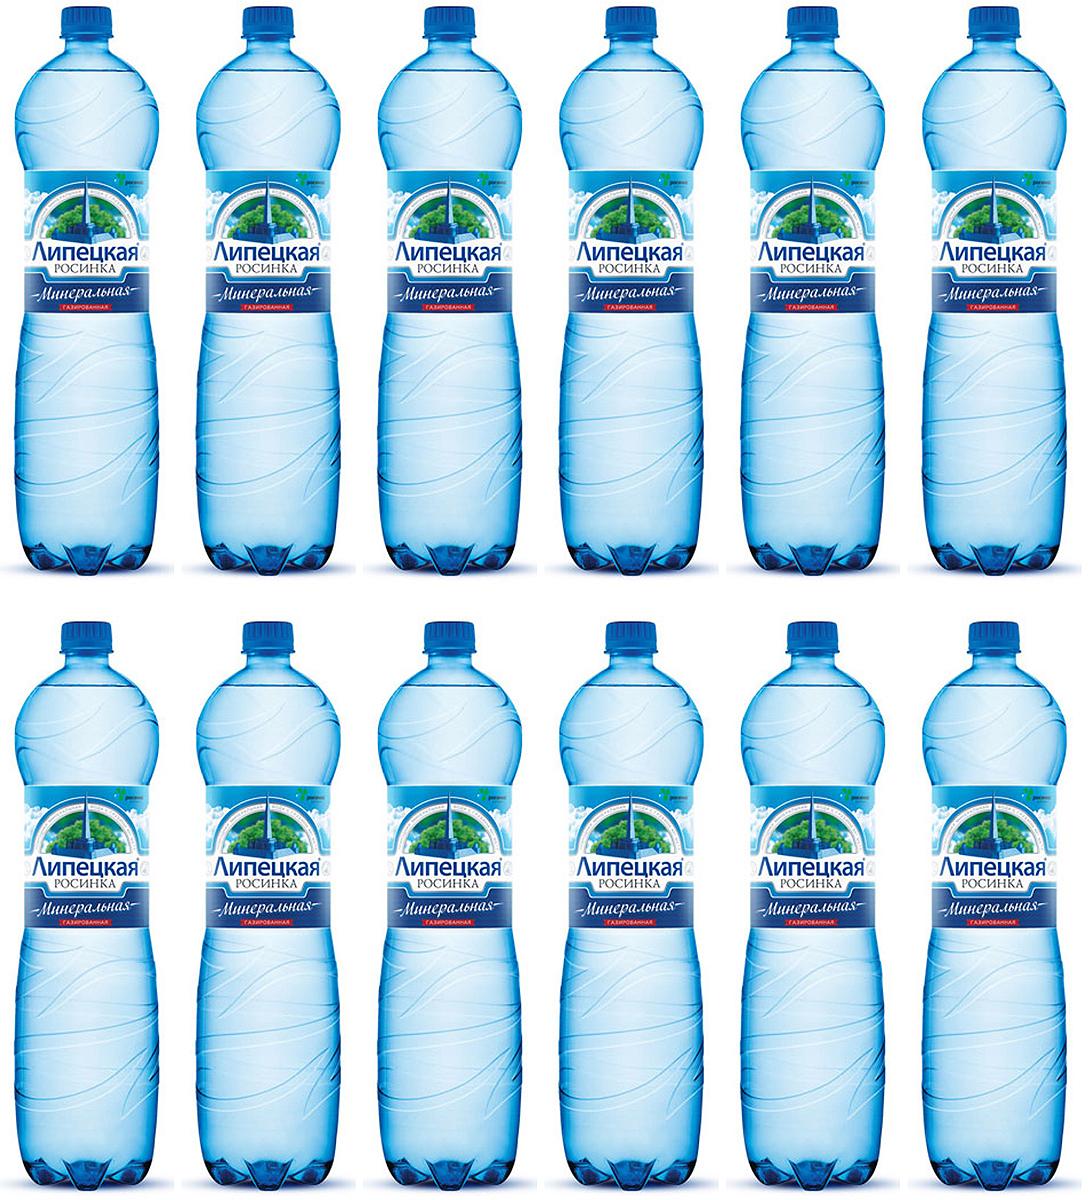 Липецкая Росинка вода газированная, 12 штук по 0,5 л0120710Природная минеральная вода Липецкая Росинка одна из лучших по показателям не только в России, но и в мире, разливается из скважины глубиной 601 метр непосредственно на источнике. Это сохраняет в первозданном виде ее природную чистоту, особый вкус и ценные полезные свойства. Состав минералов и микроэлементов сбалансирован для ежедневного употребления. Изготовляется по ГОСТУ.